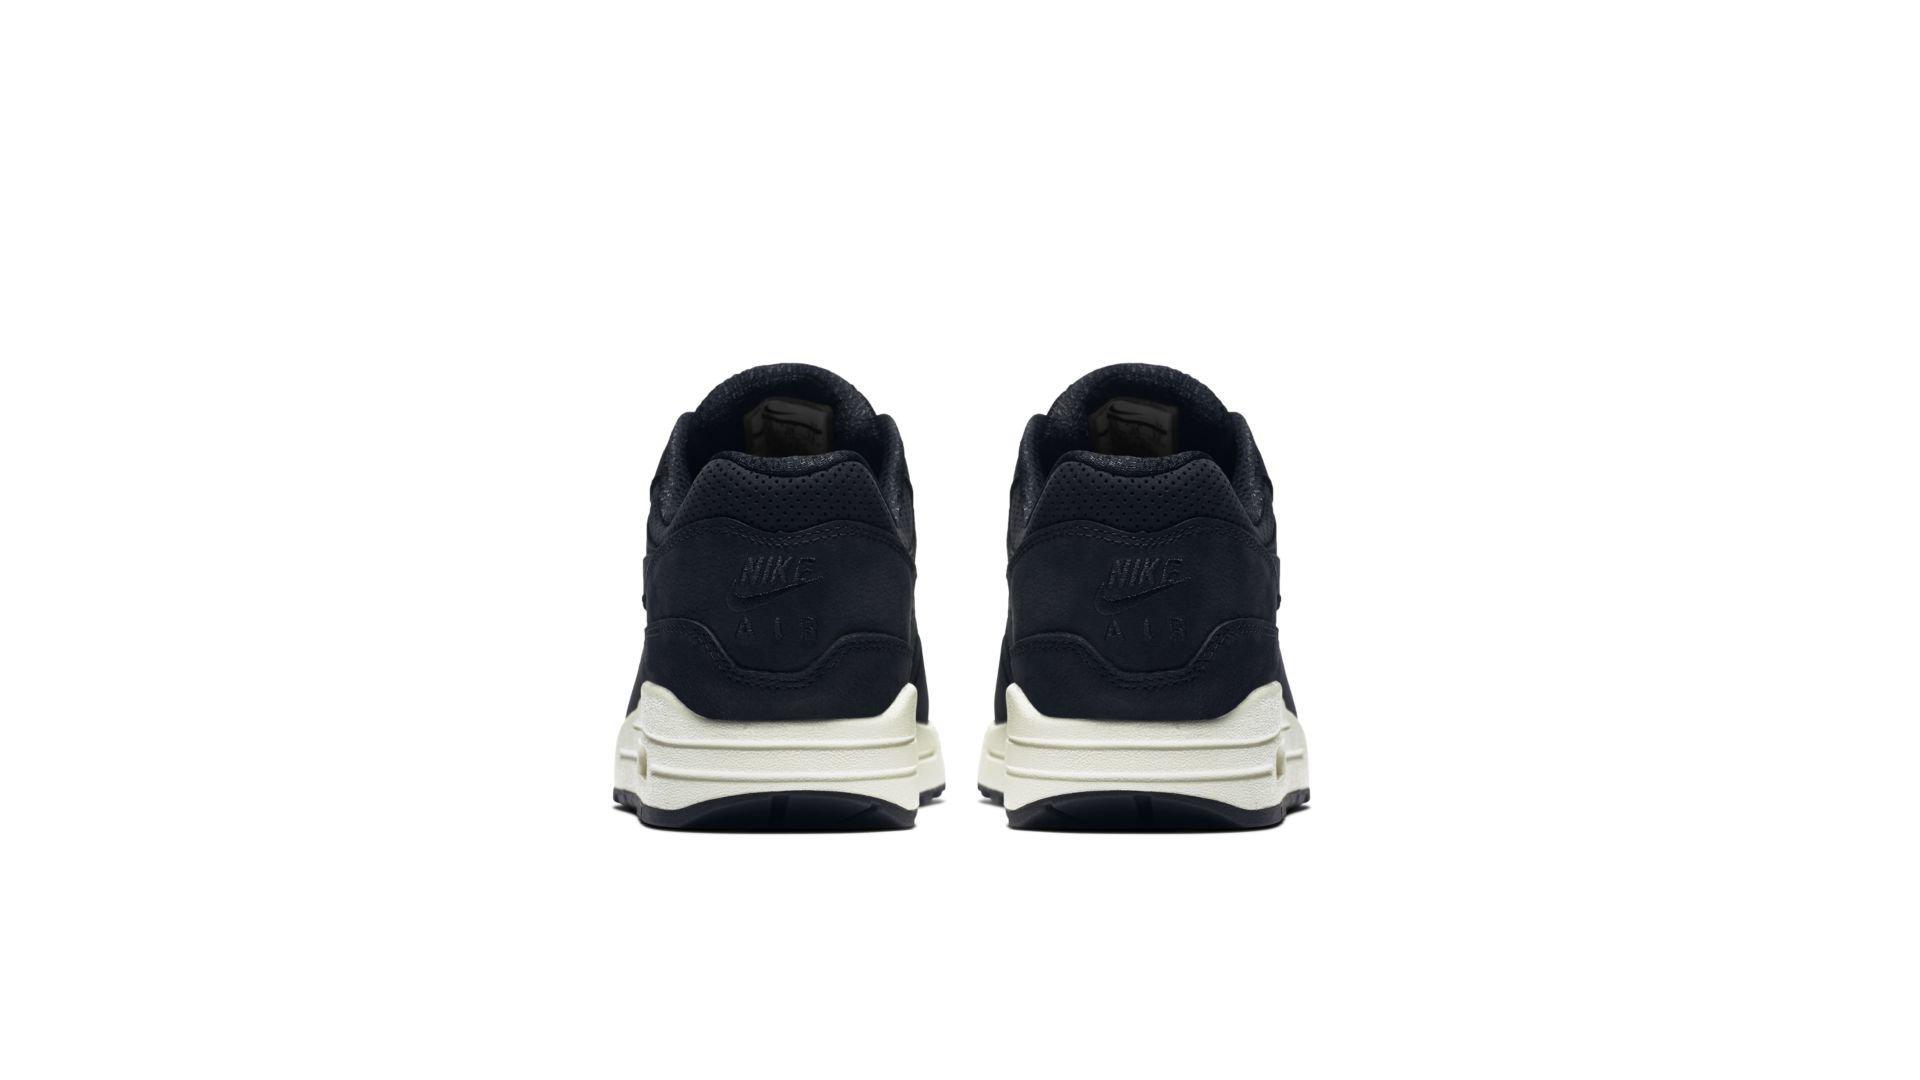 NikeLab Wmns Air Max 1 Pinnacle Black (839608 005)